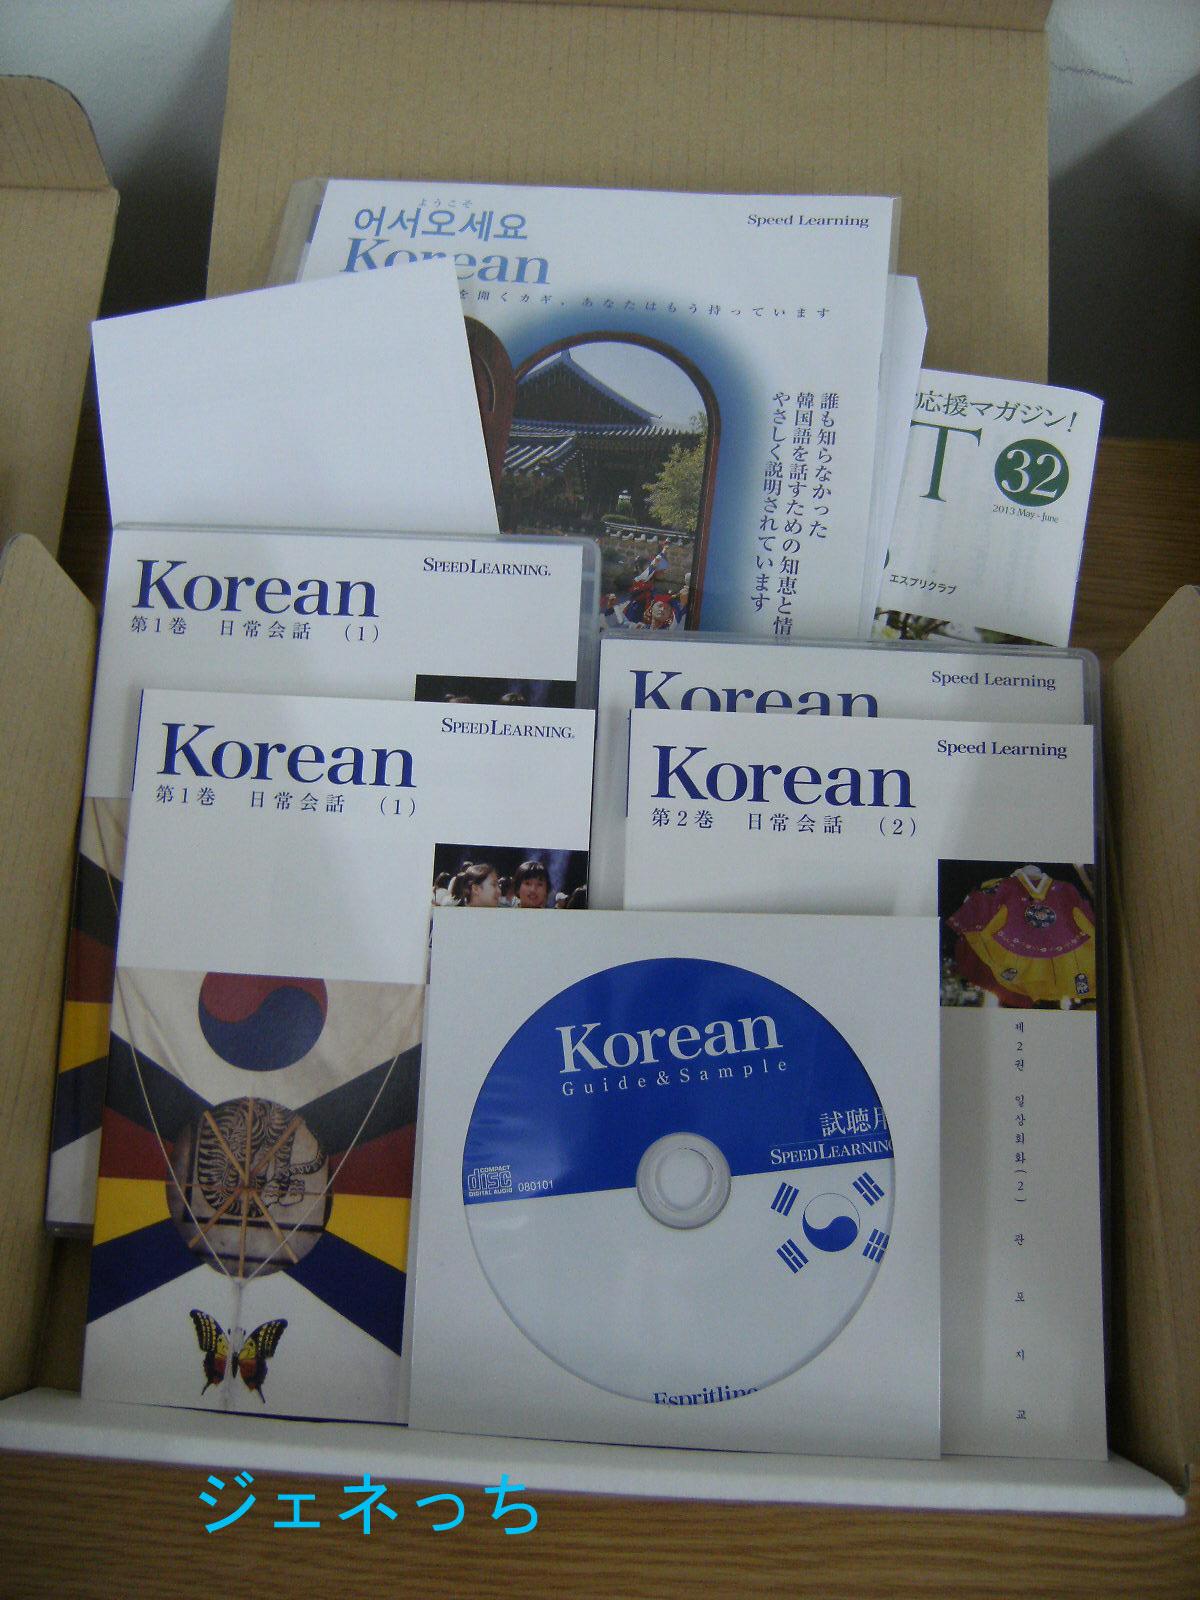 韓国へ旅行行くなら、ホテルズドットコムで、予約しませんか?